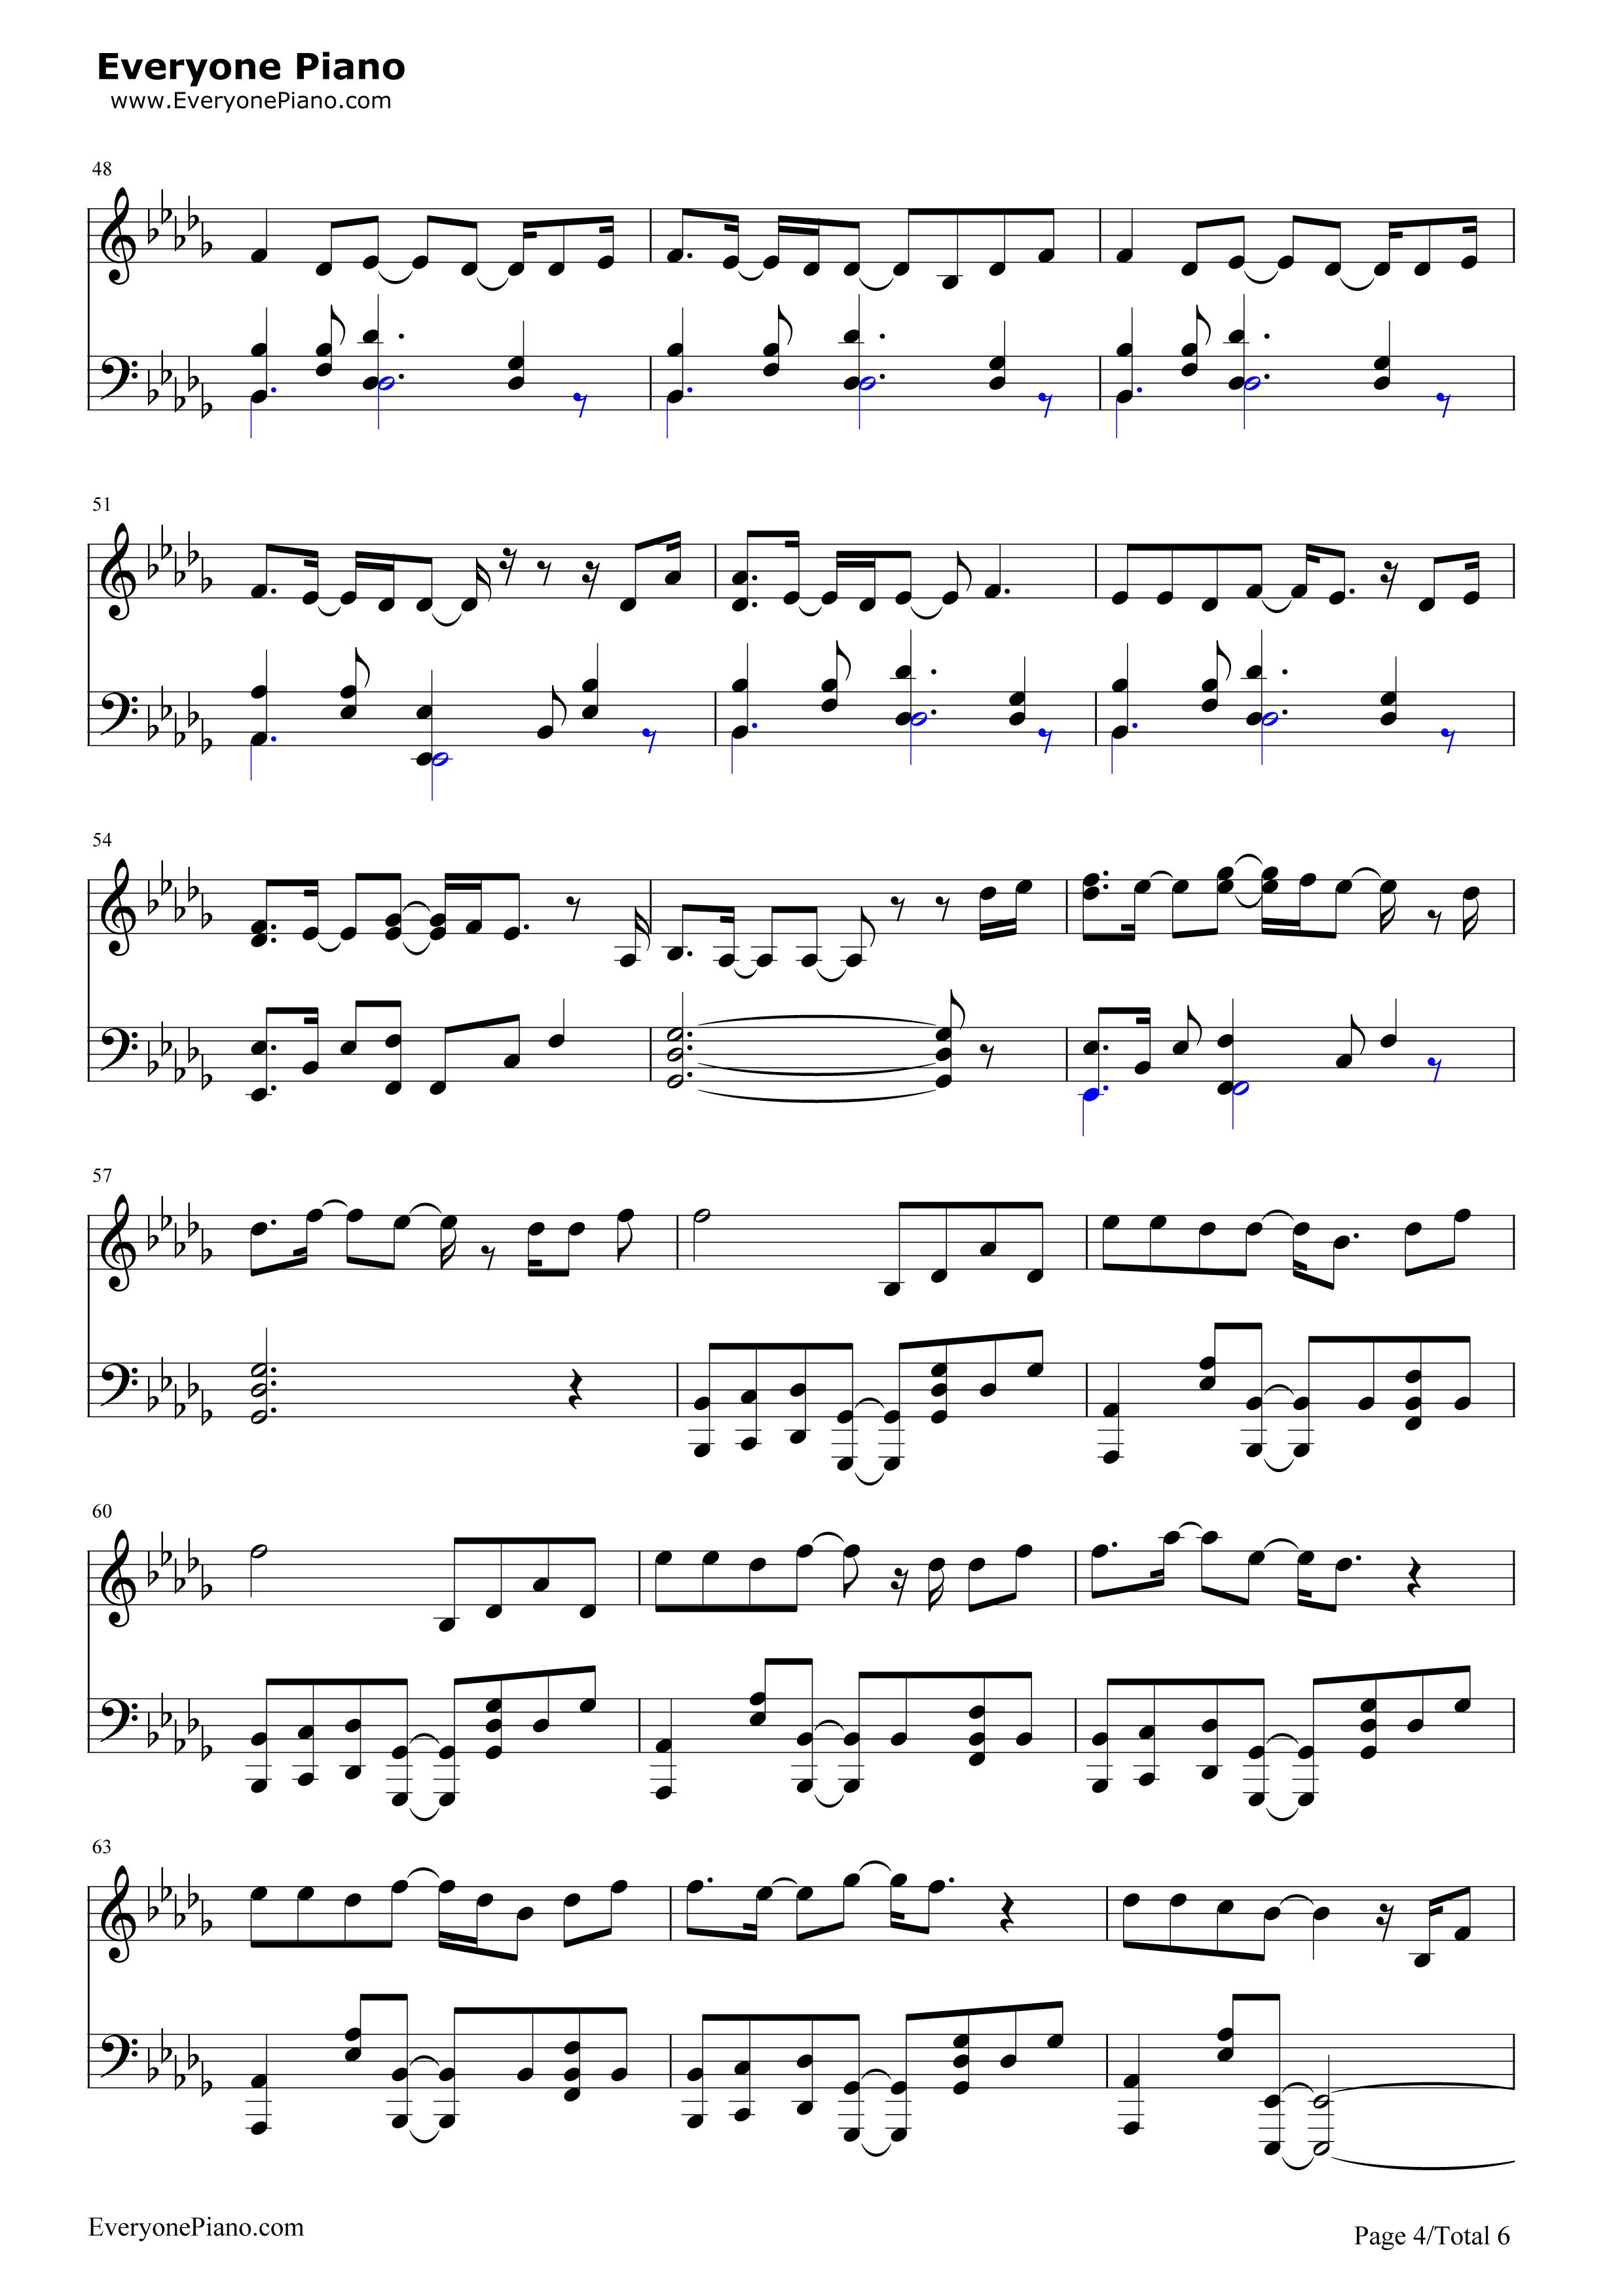 霍比特人笛子简谱